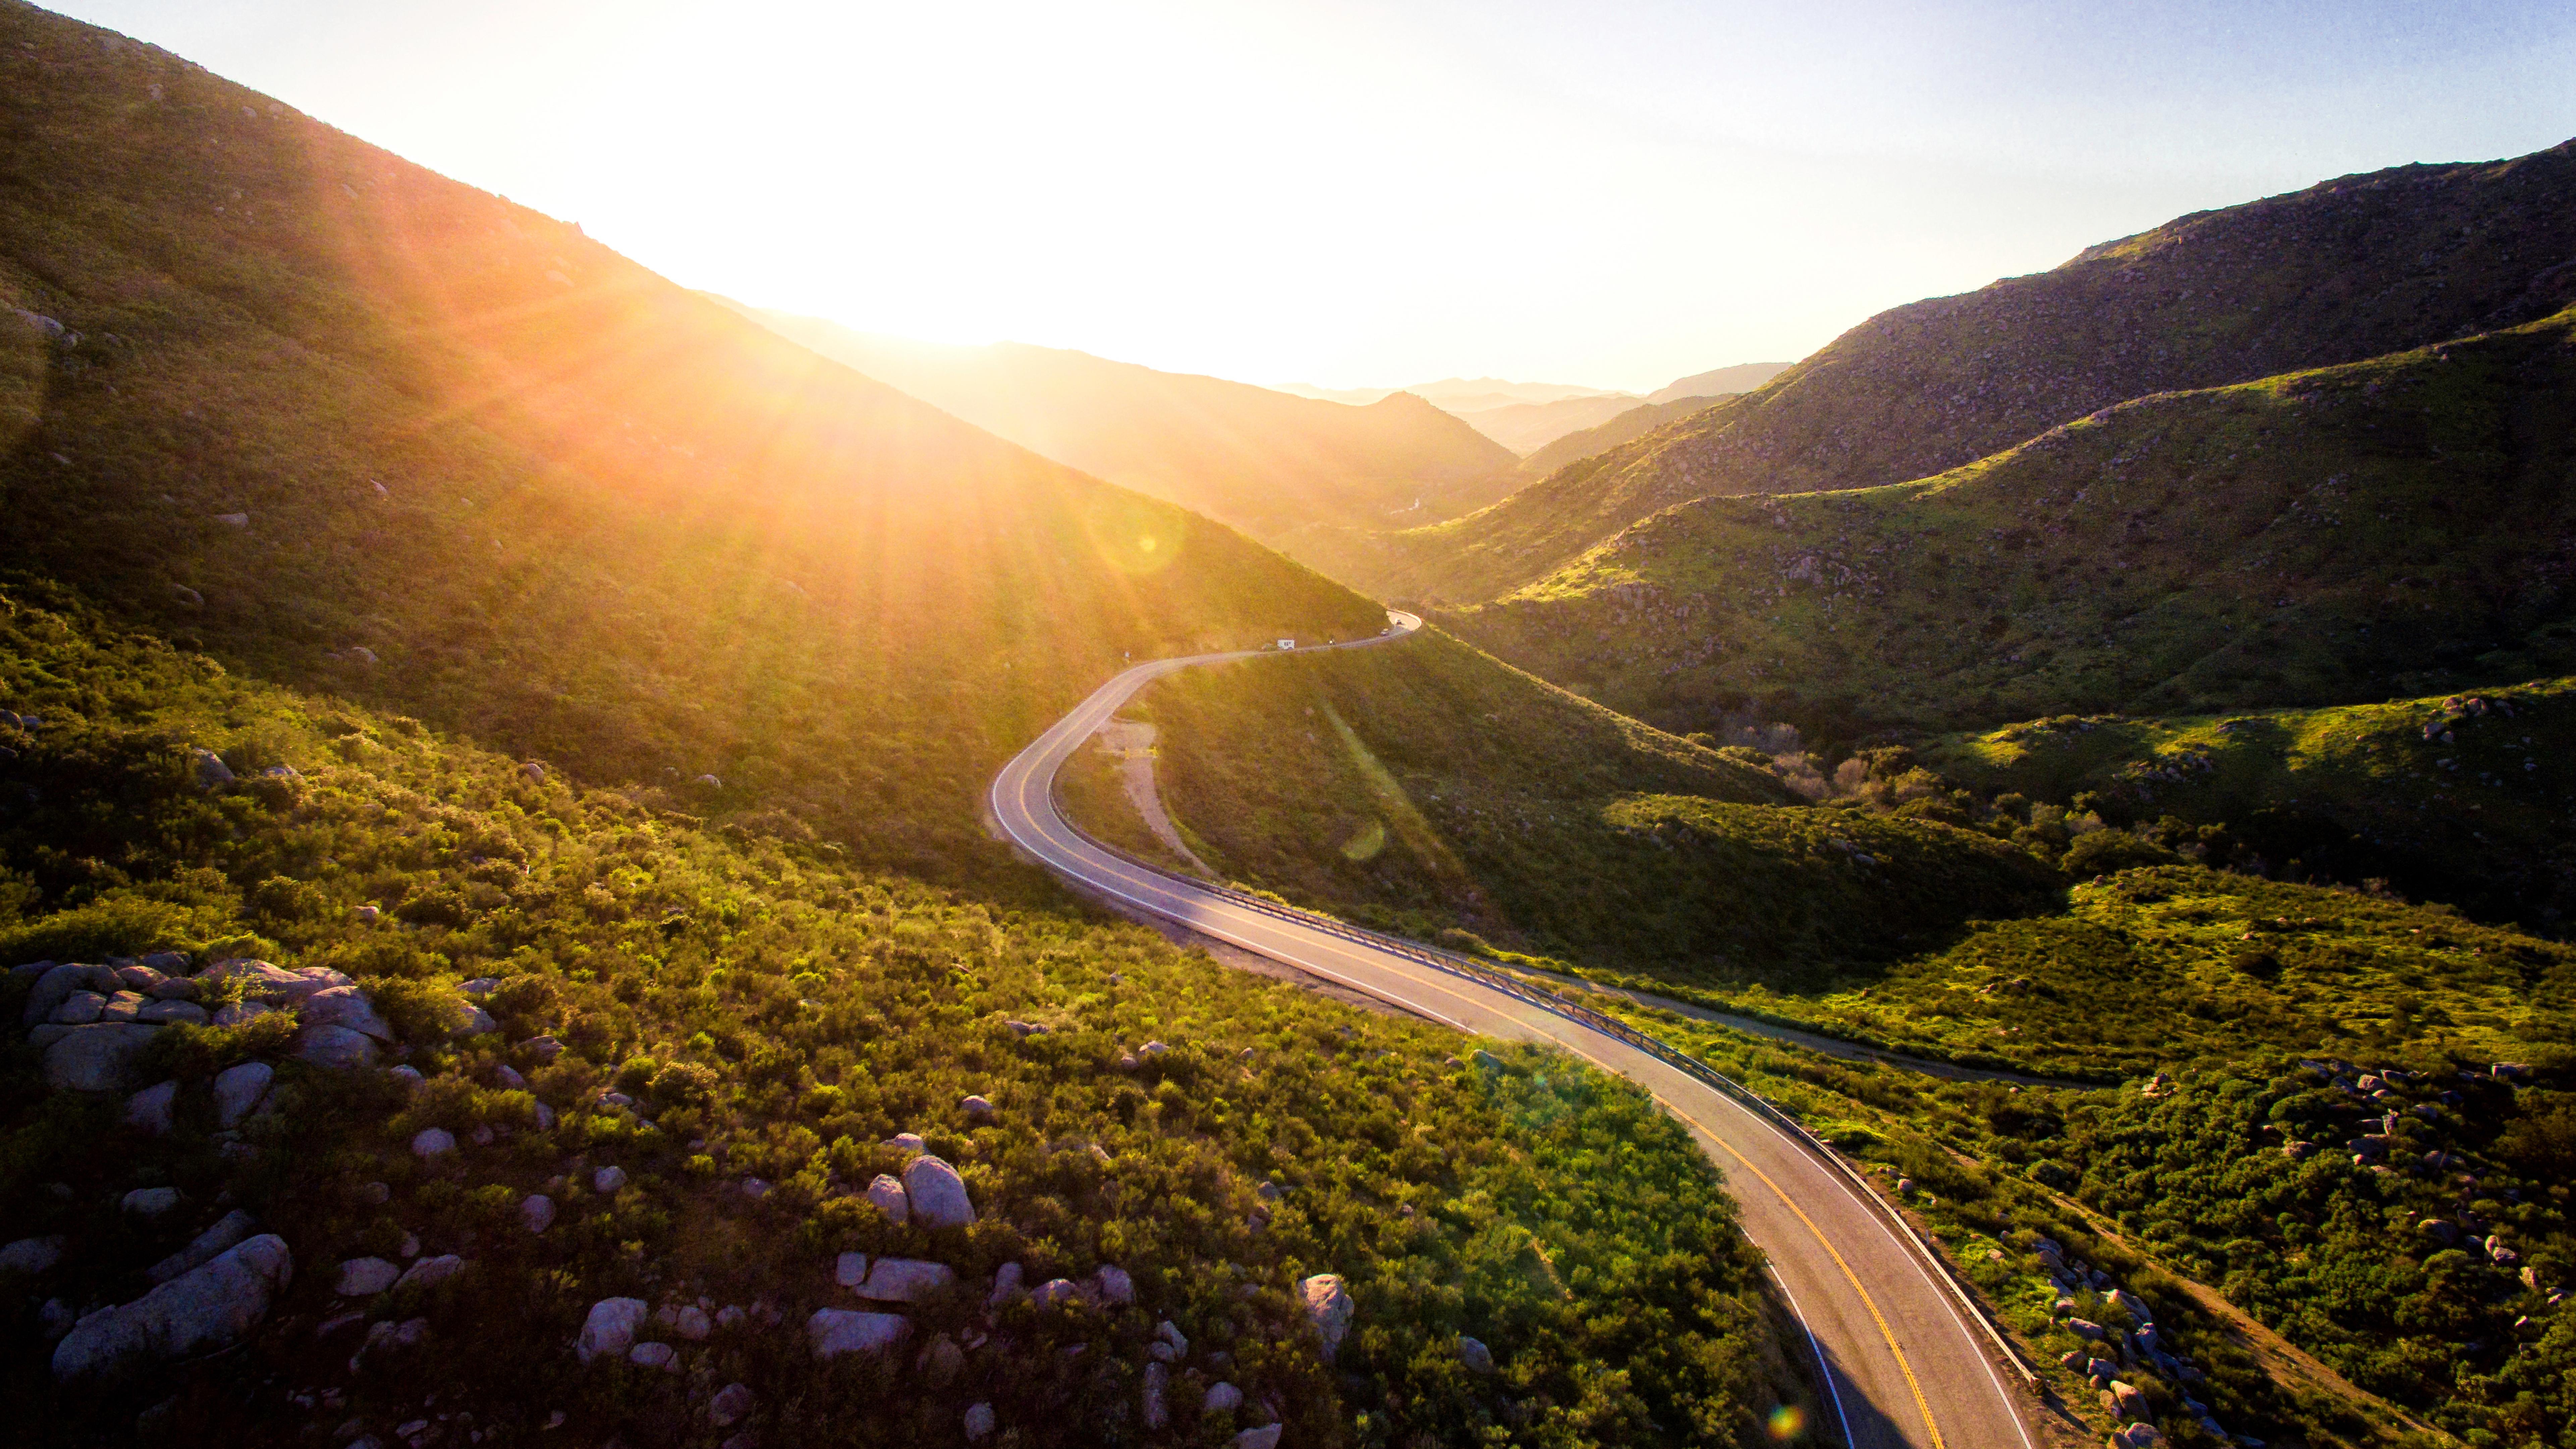 холмы долина дорожка hills valley track загрузить